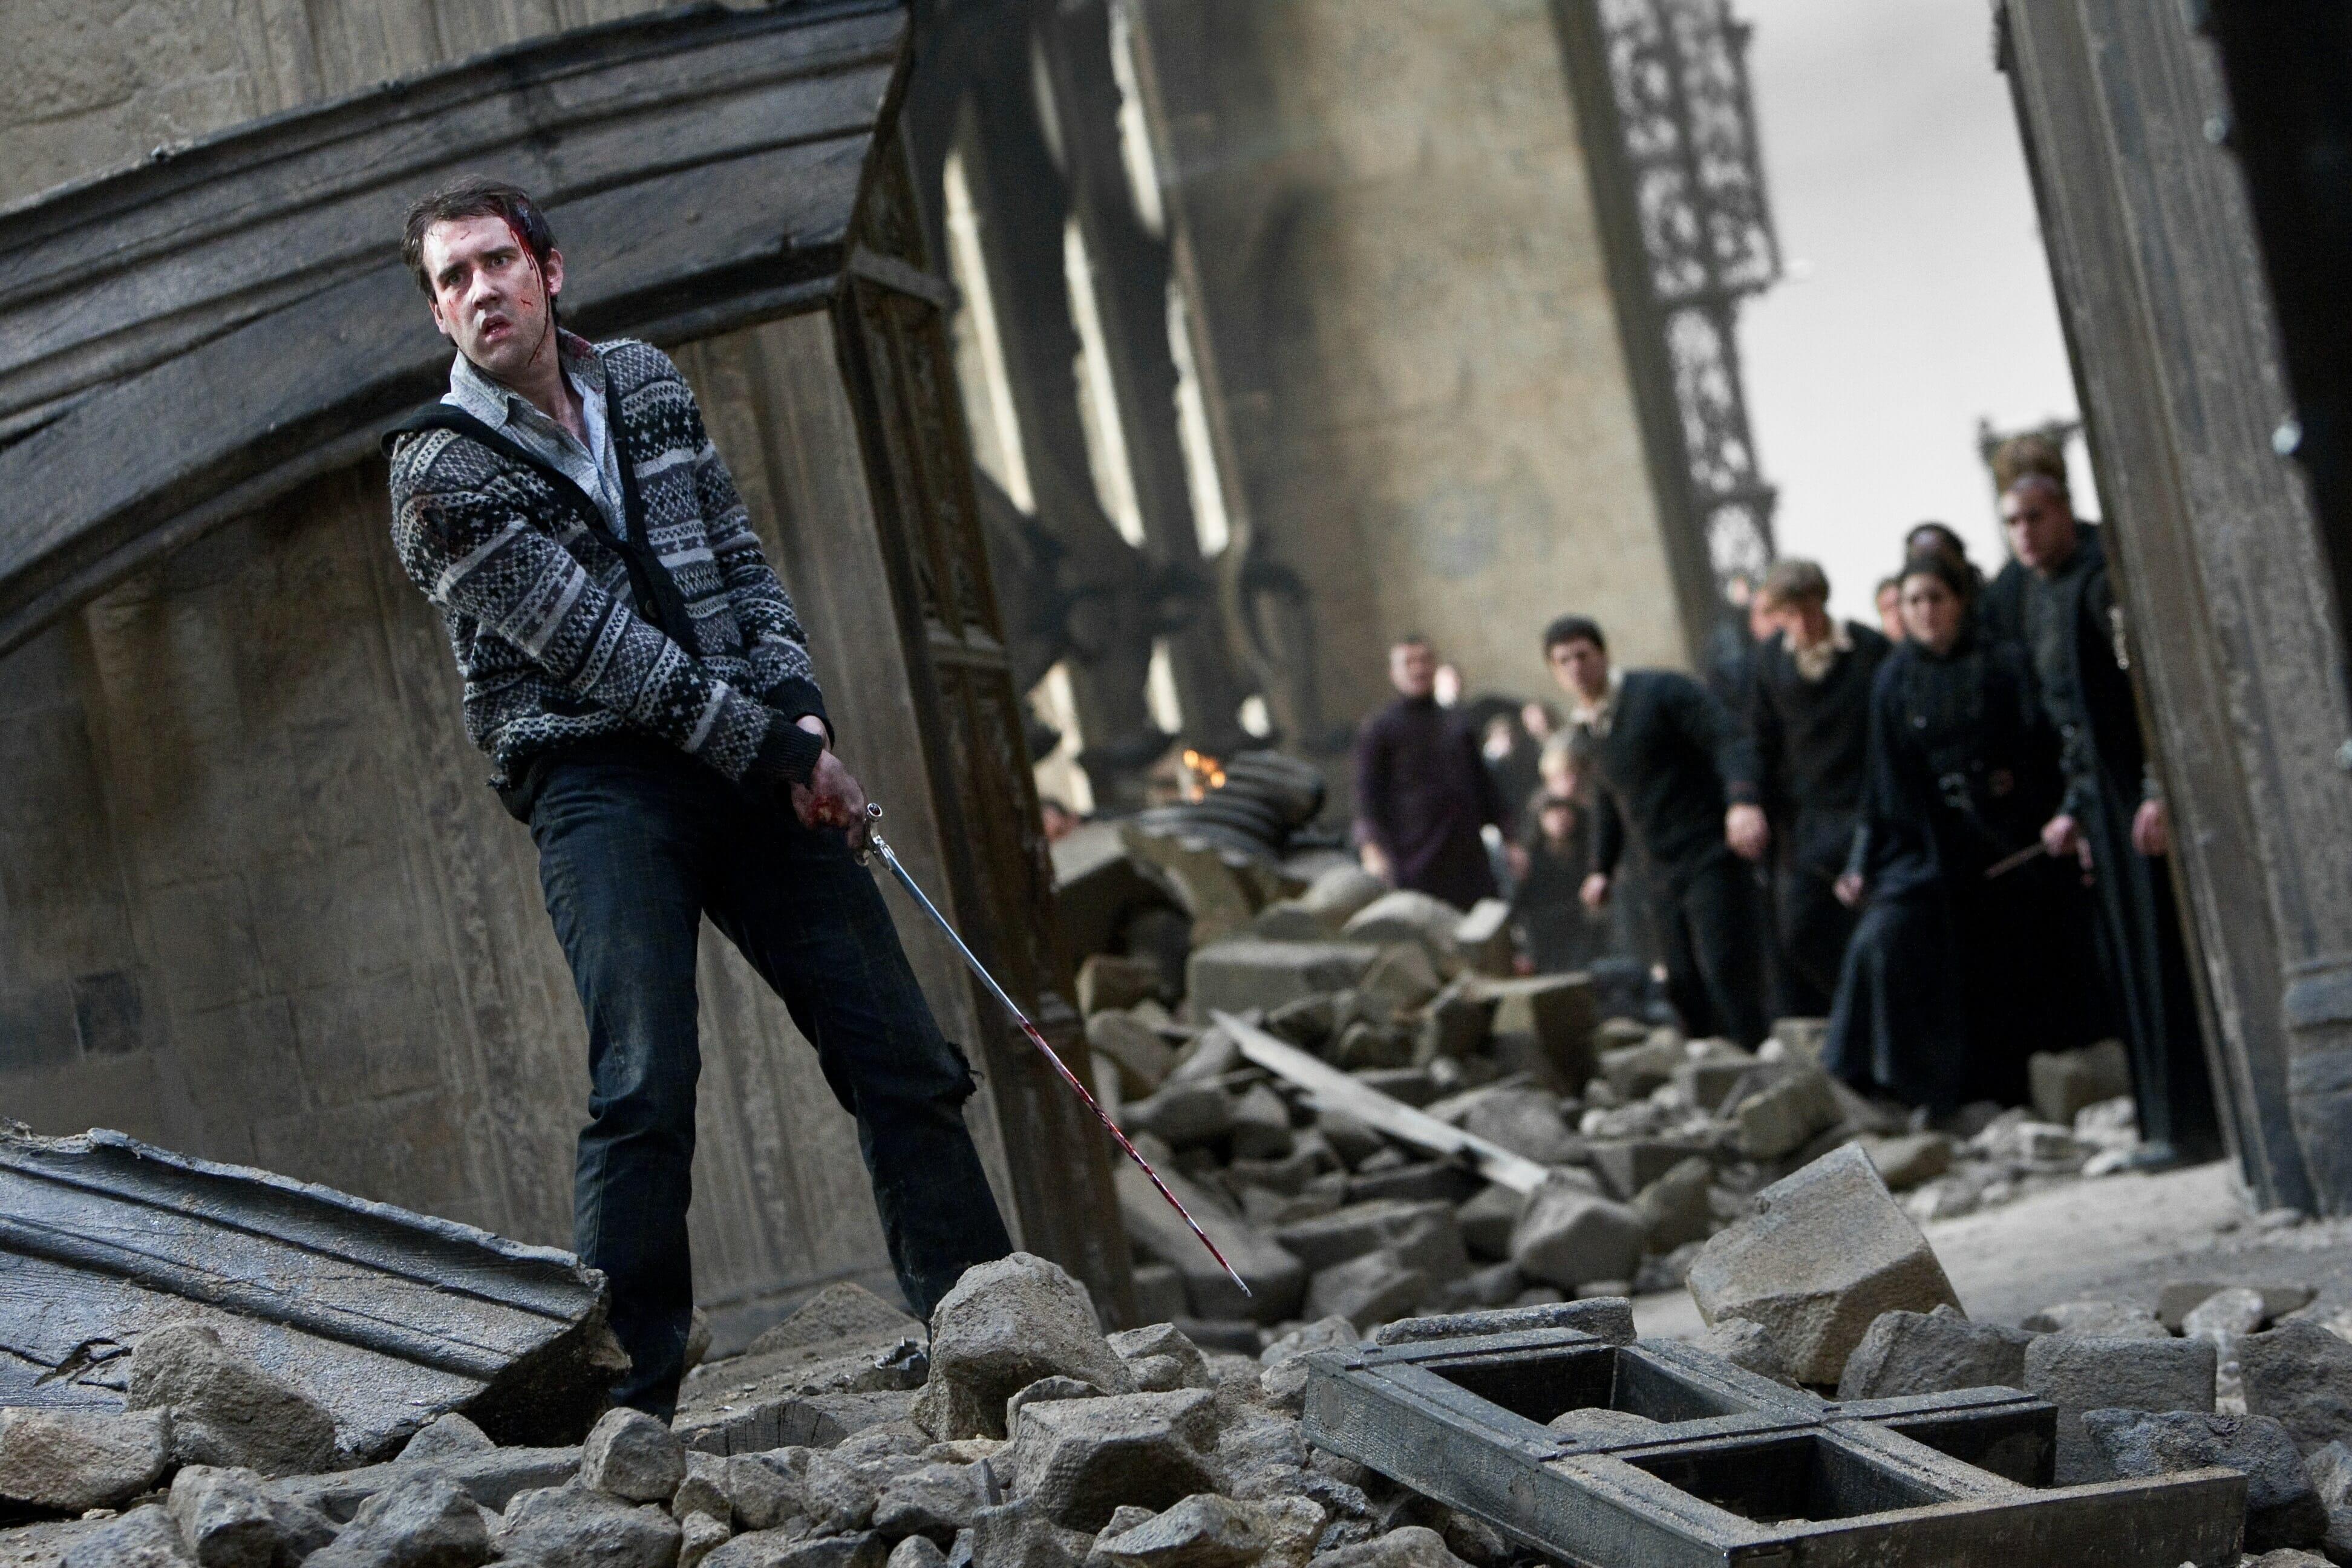 Alle Harry Potter Filme sind auf iTunes in 4K Auflösung mit Dolby Vision HDR verfügbar!